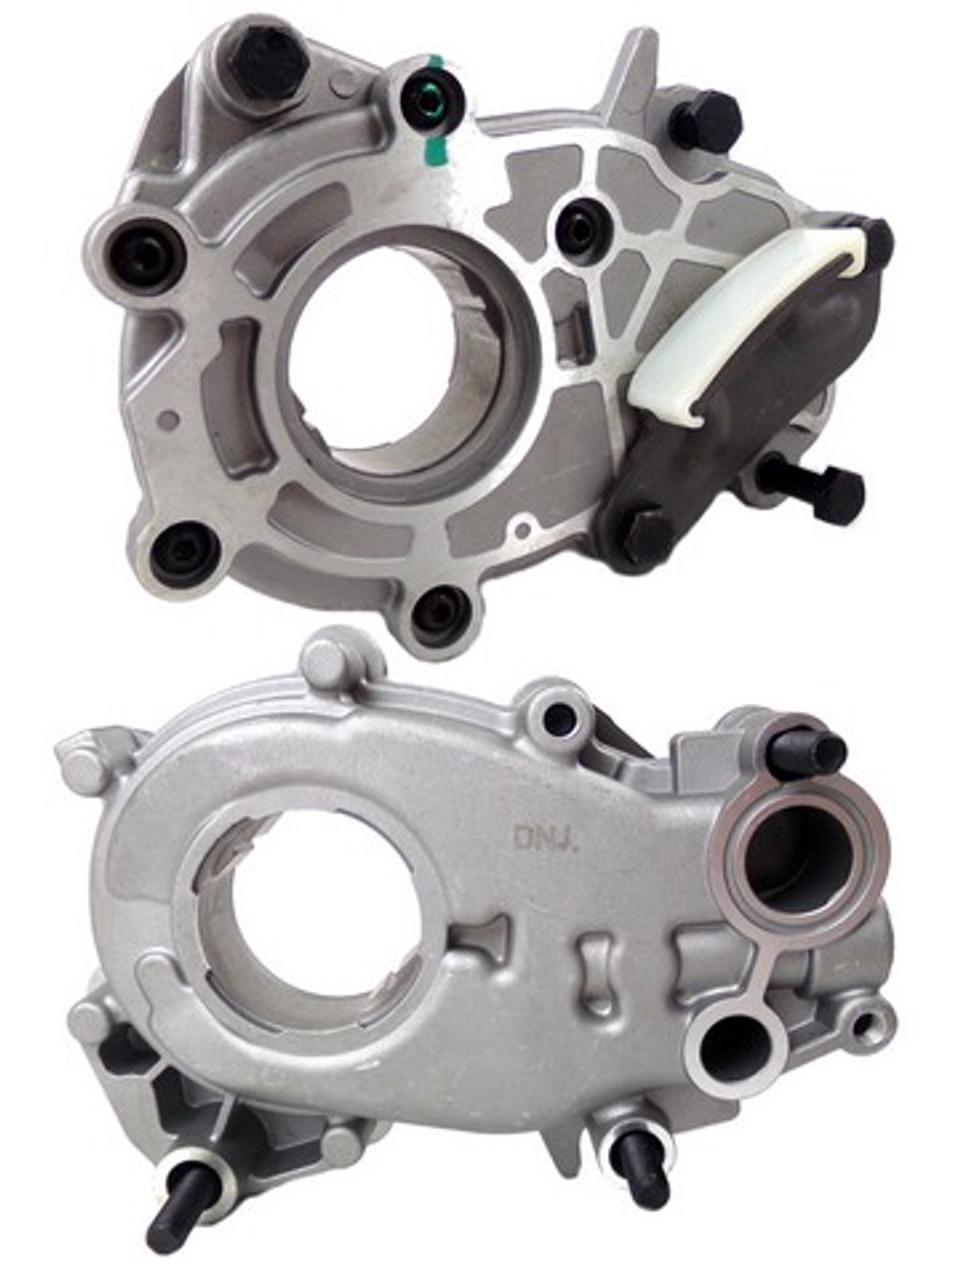 Oil Pump 3 0l 2012 Gmc Terrain Op3139 142